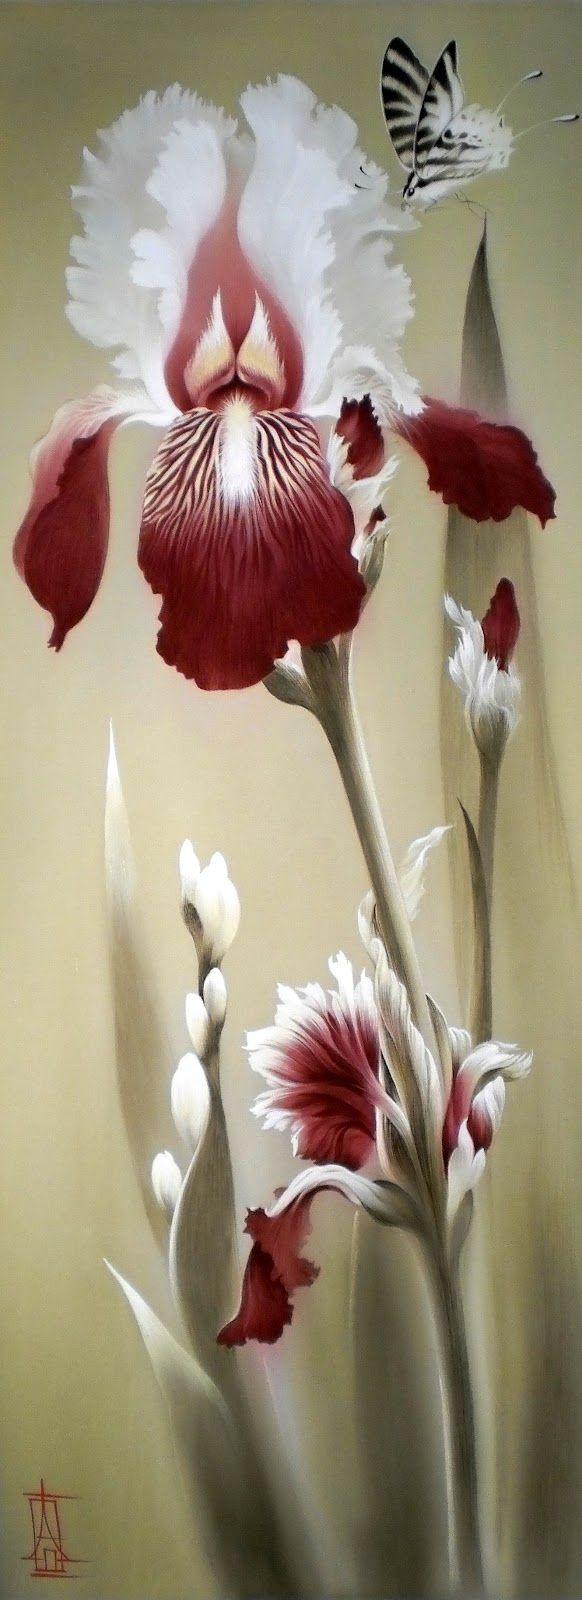 Природа. Цветы. Осеева Алина. Обсуждение на LiveInternet - Российский Сервис…